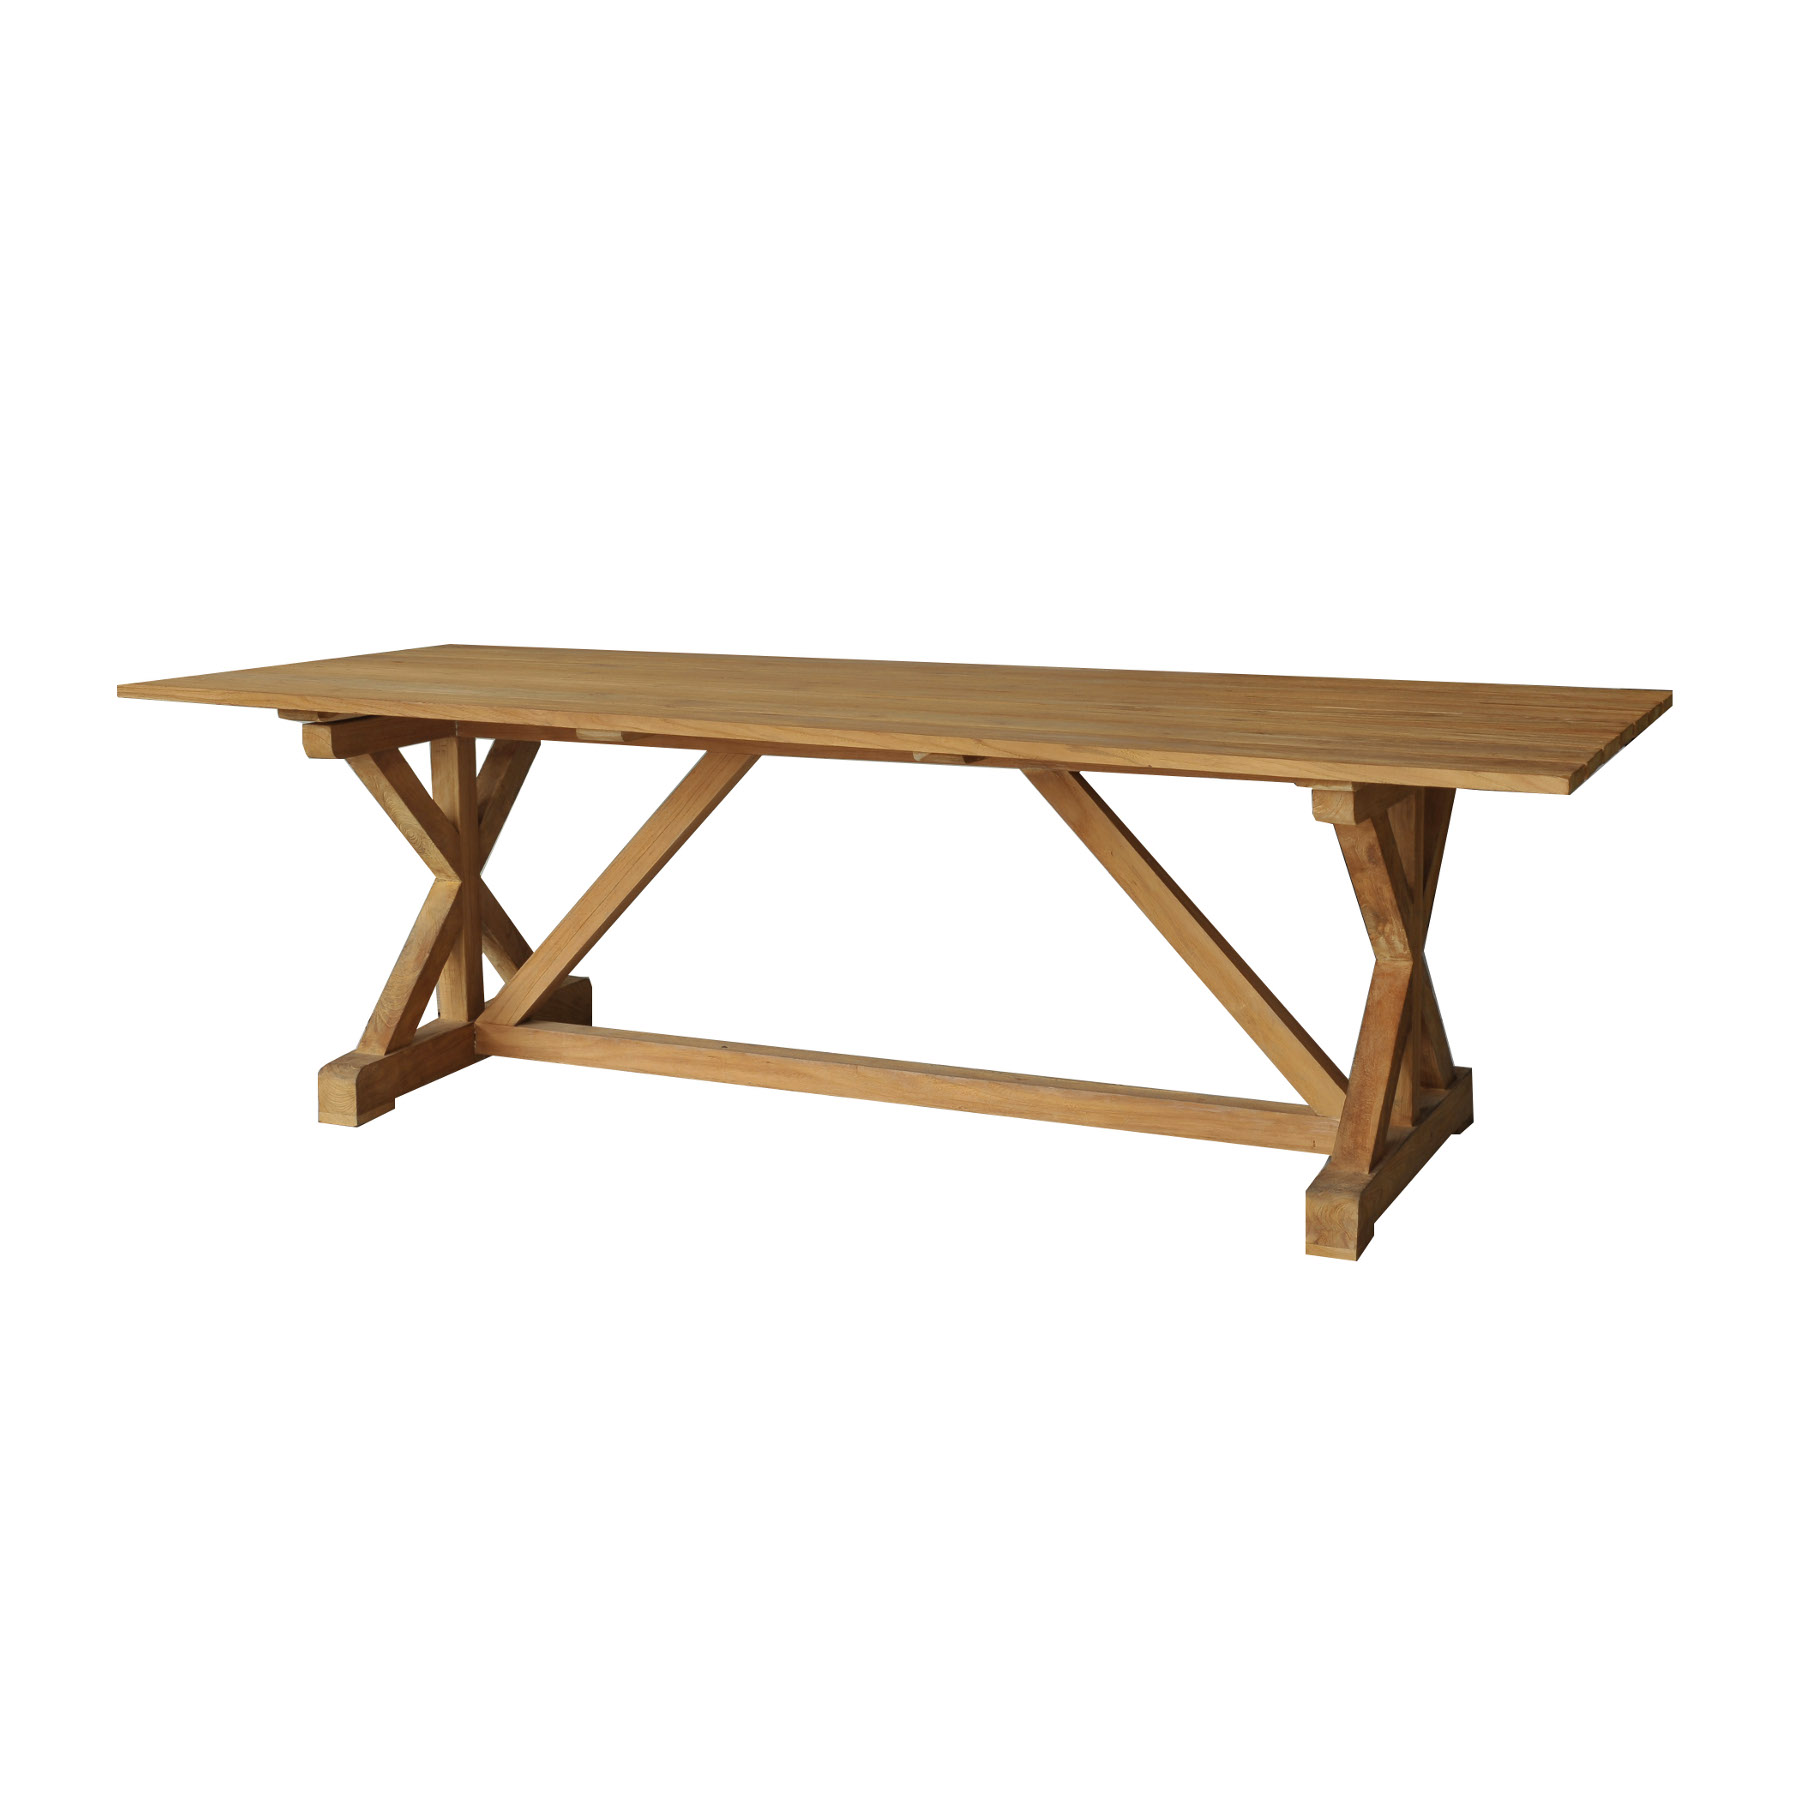 venise-table-ve-t-002